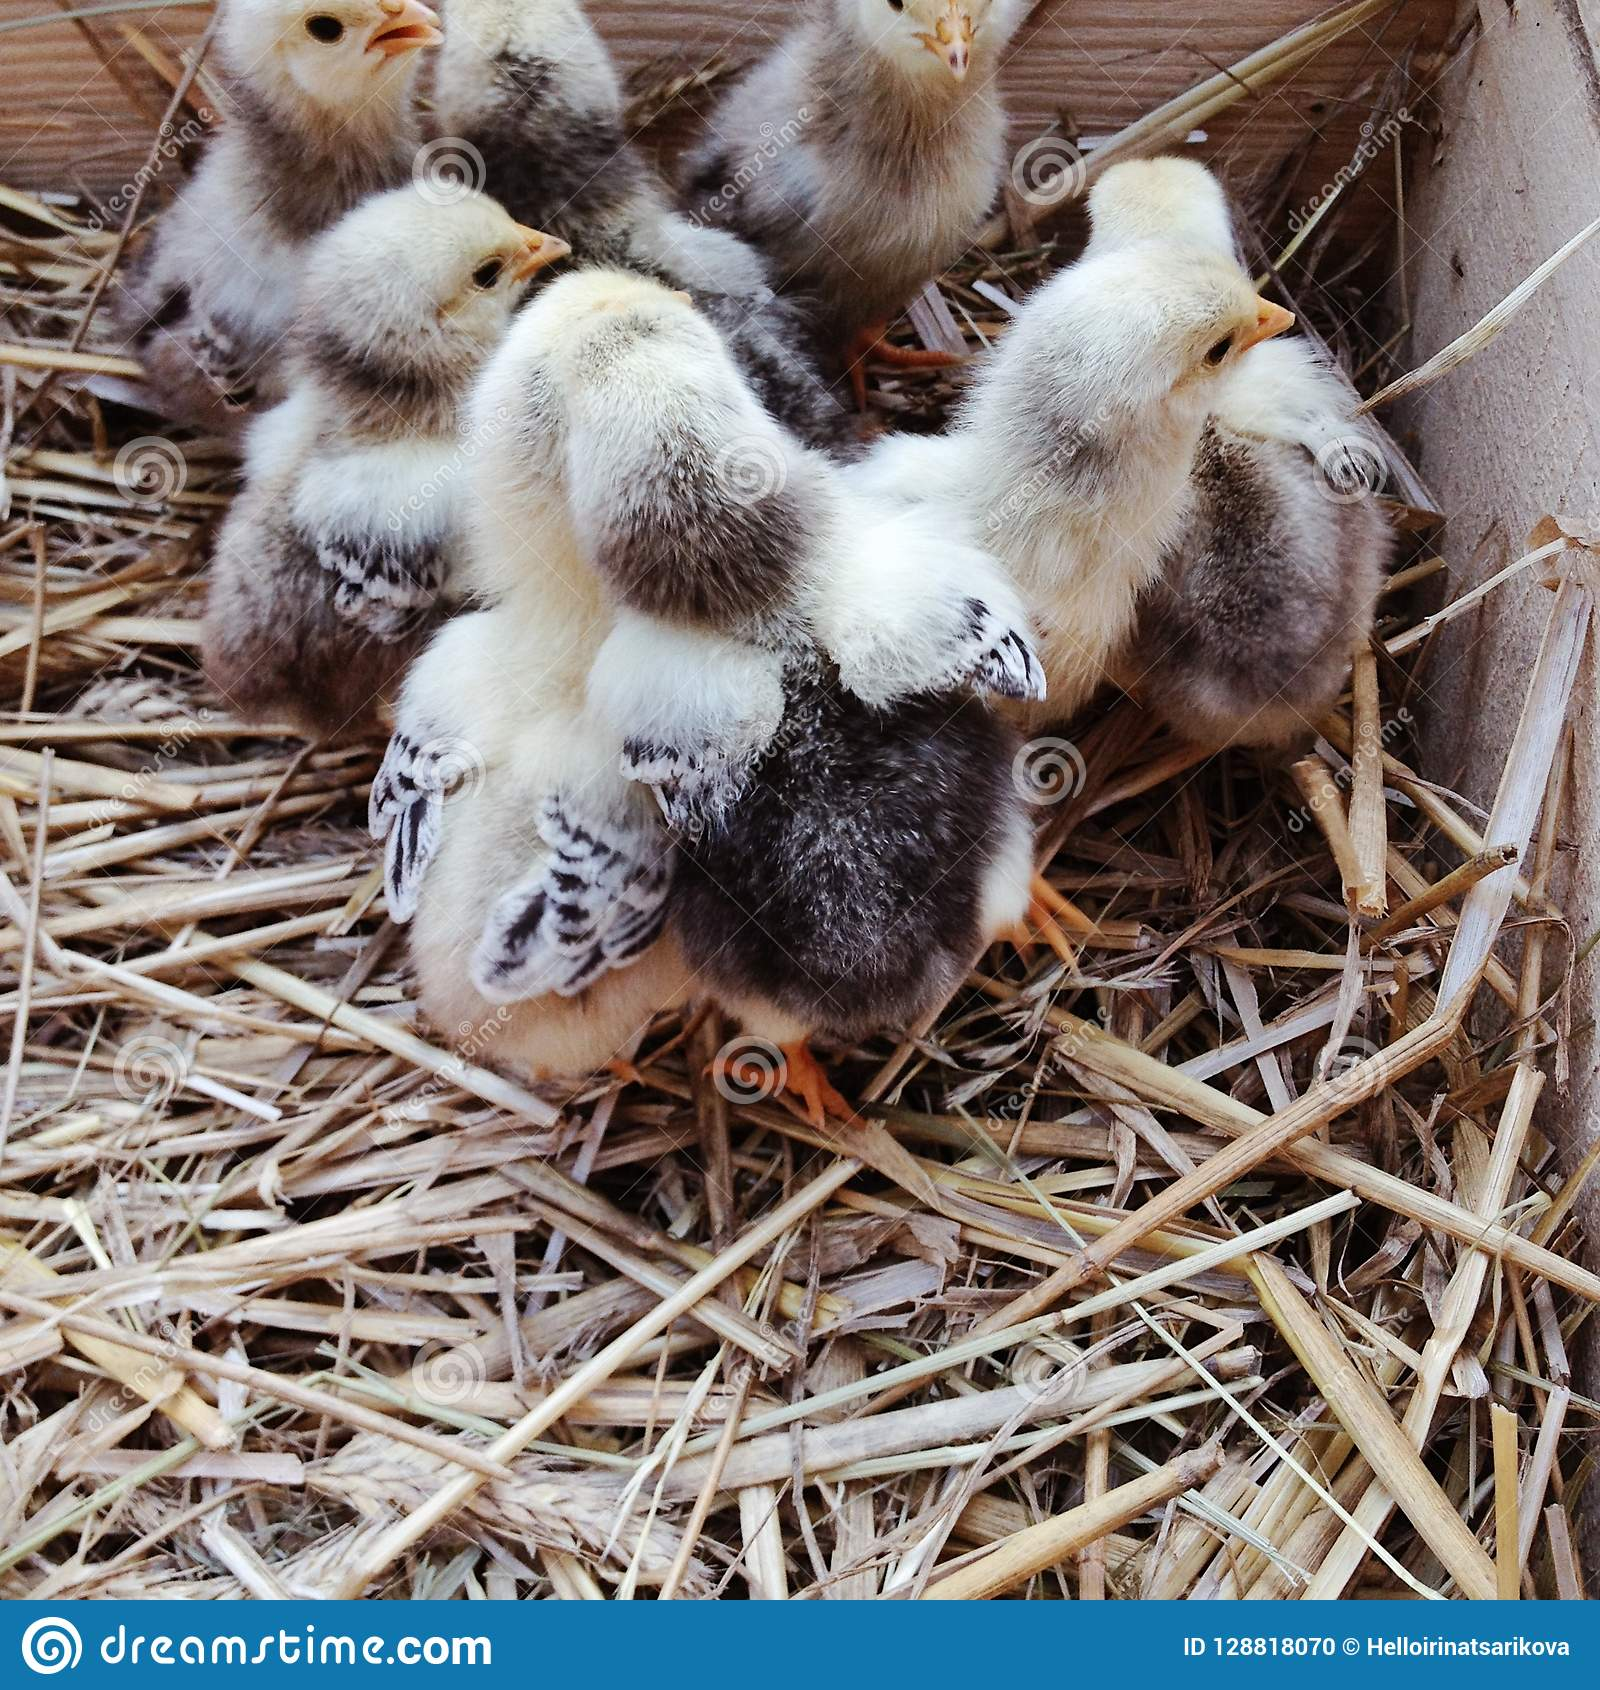 Cute newborn chicks in a wooden box